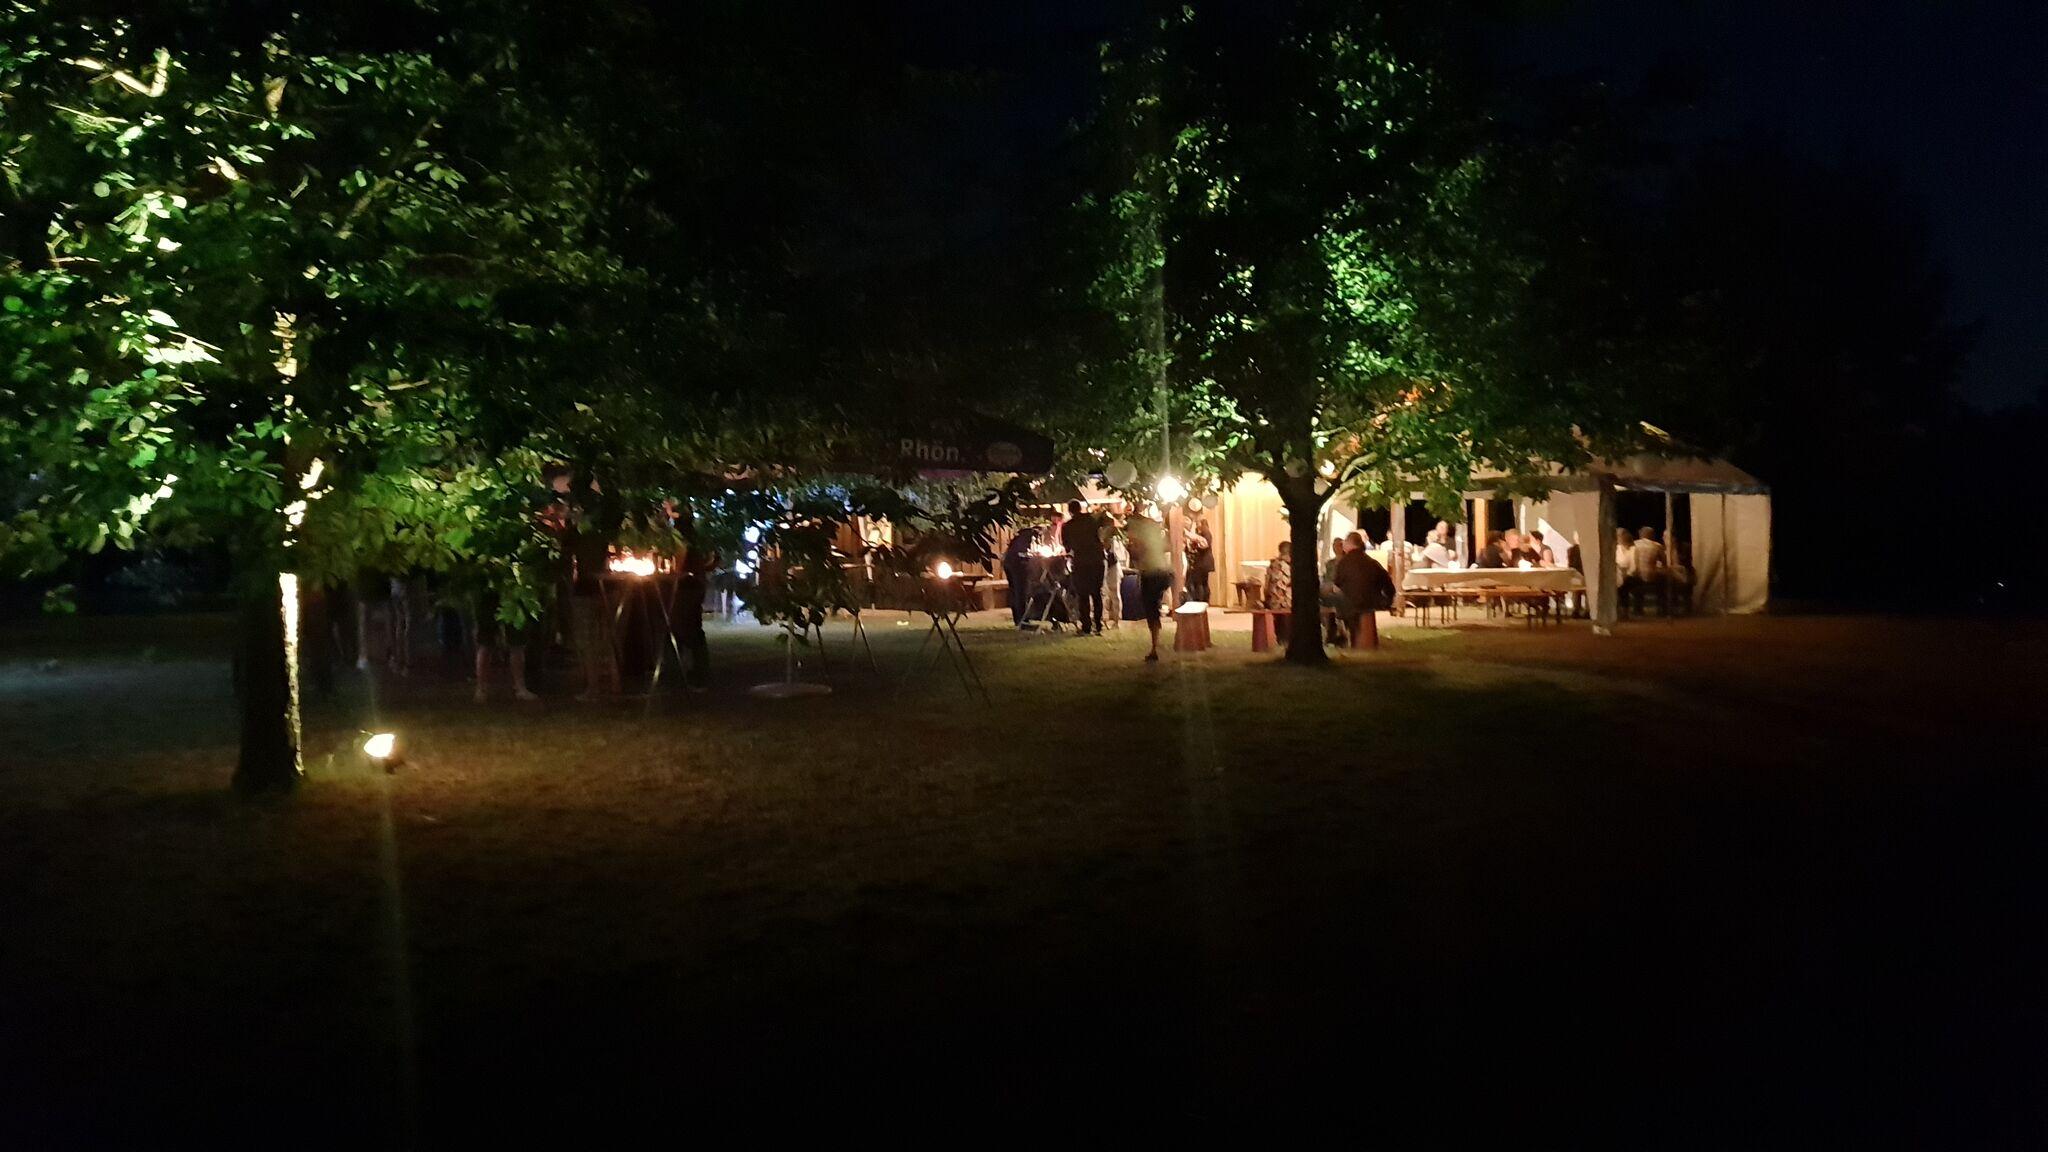 Grillhütte2